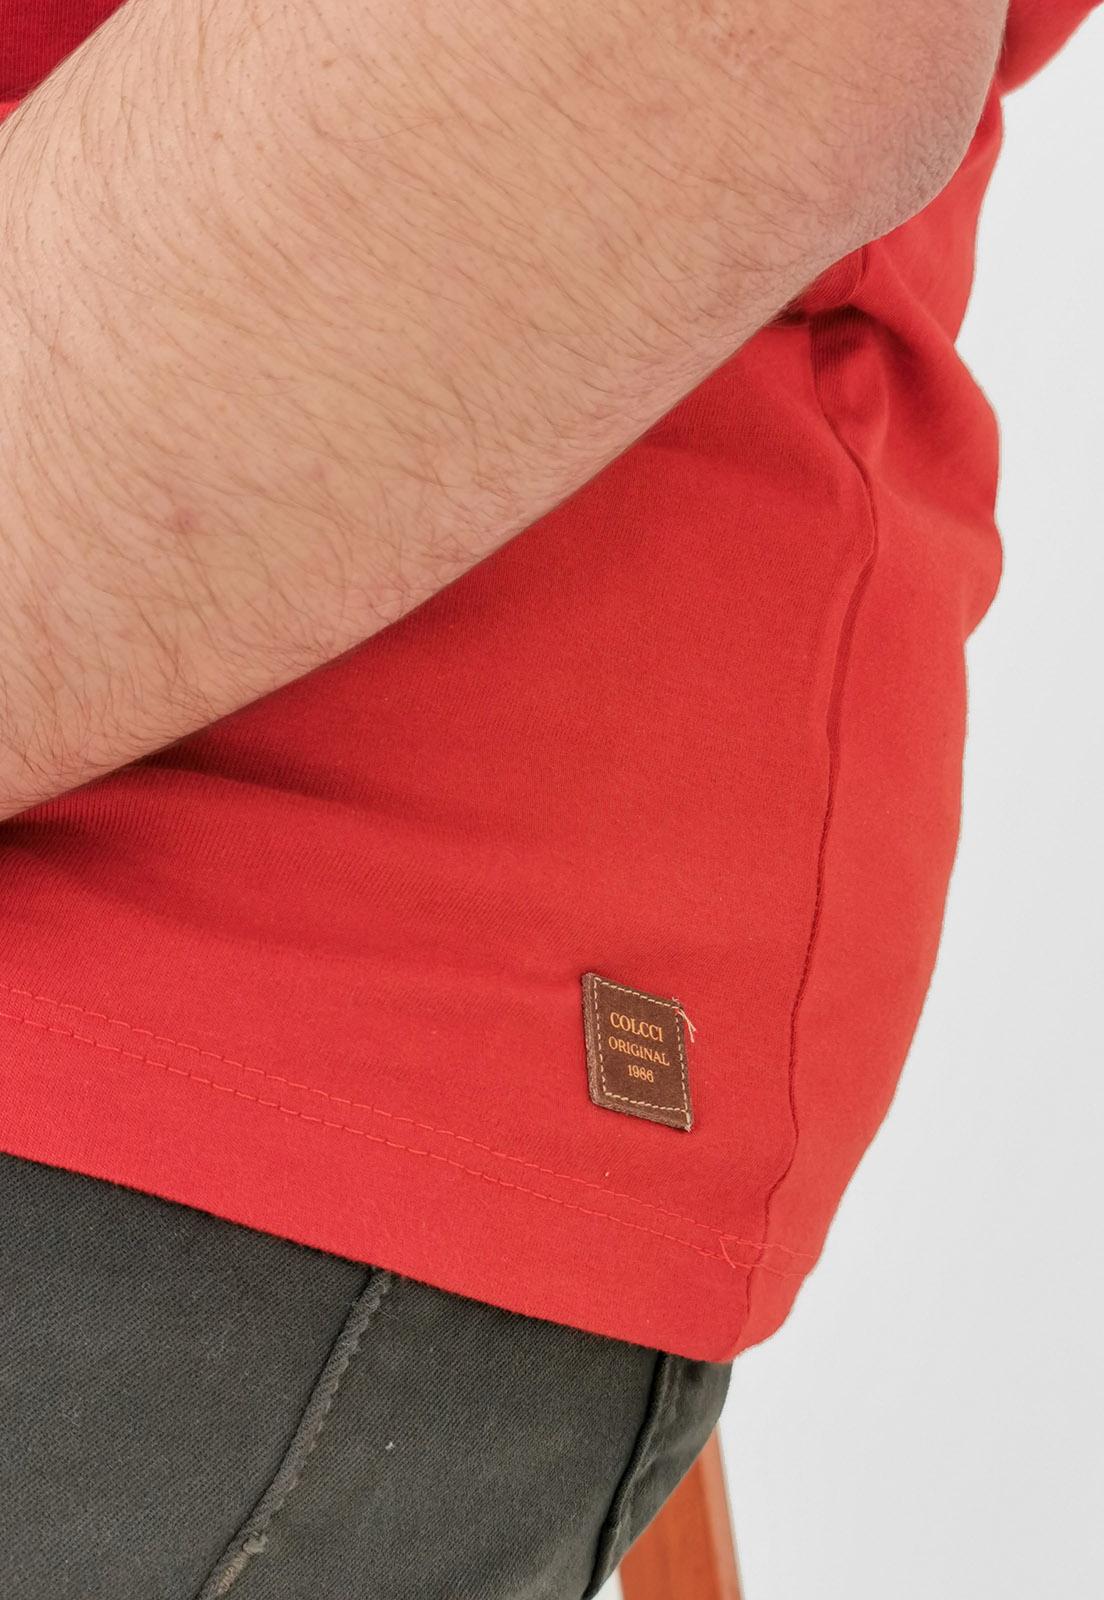 Camiseta Colcci Vermelho Bird